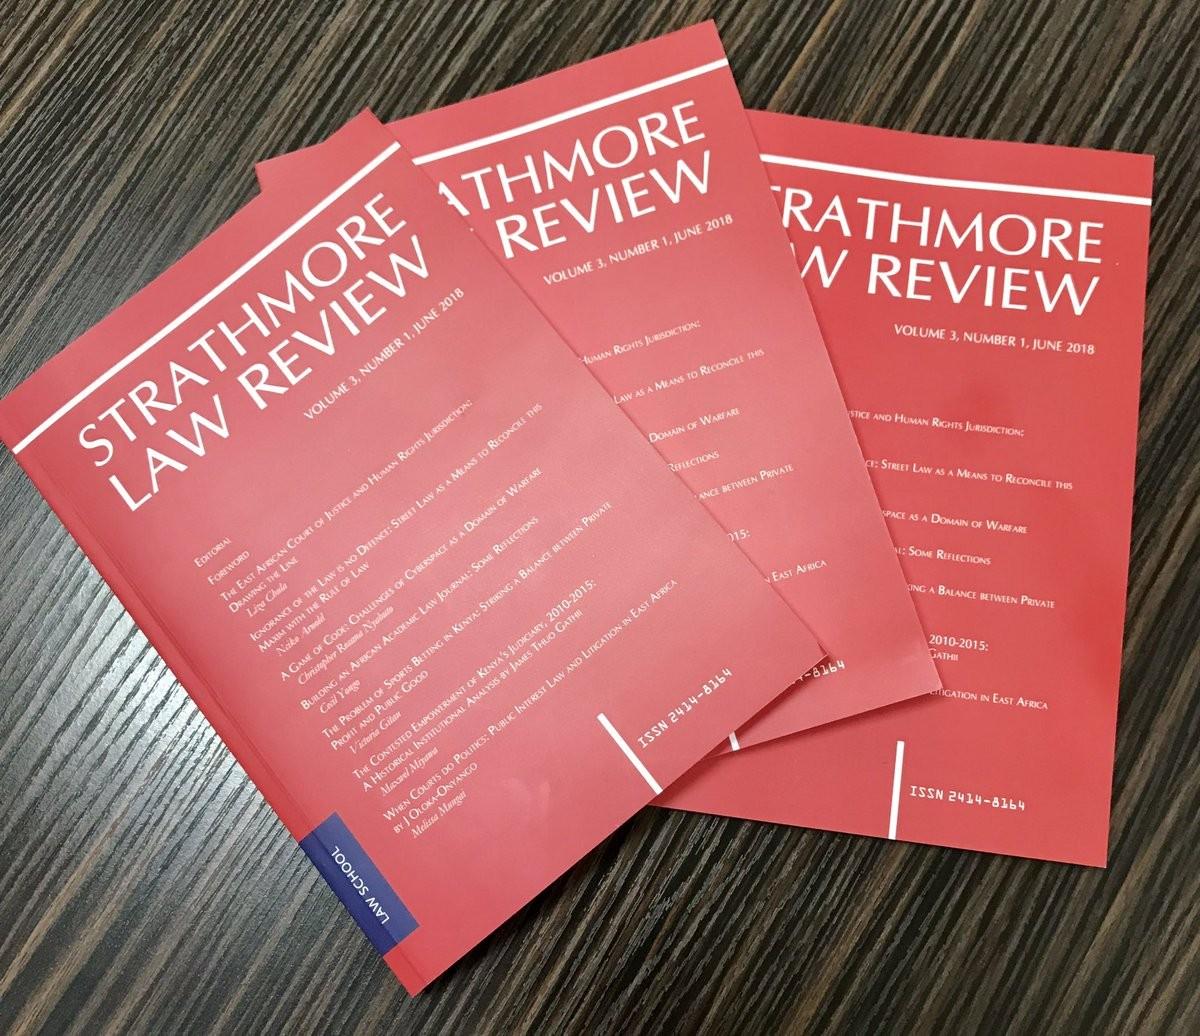 Strathmore Law Review (SLR) | LinkedIn